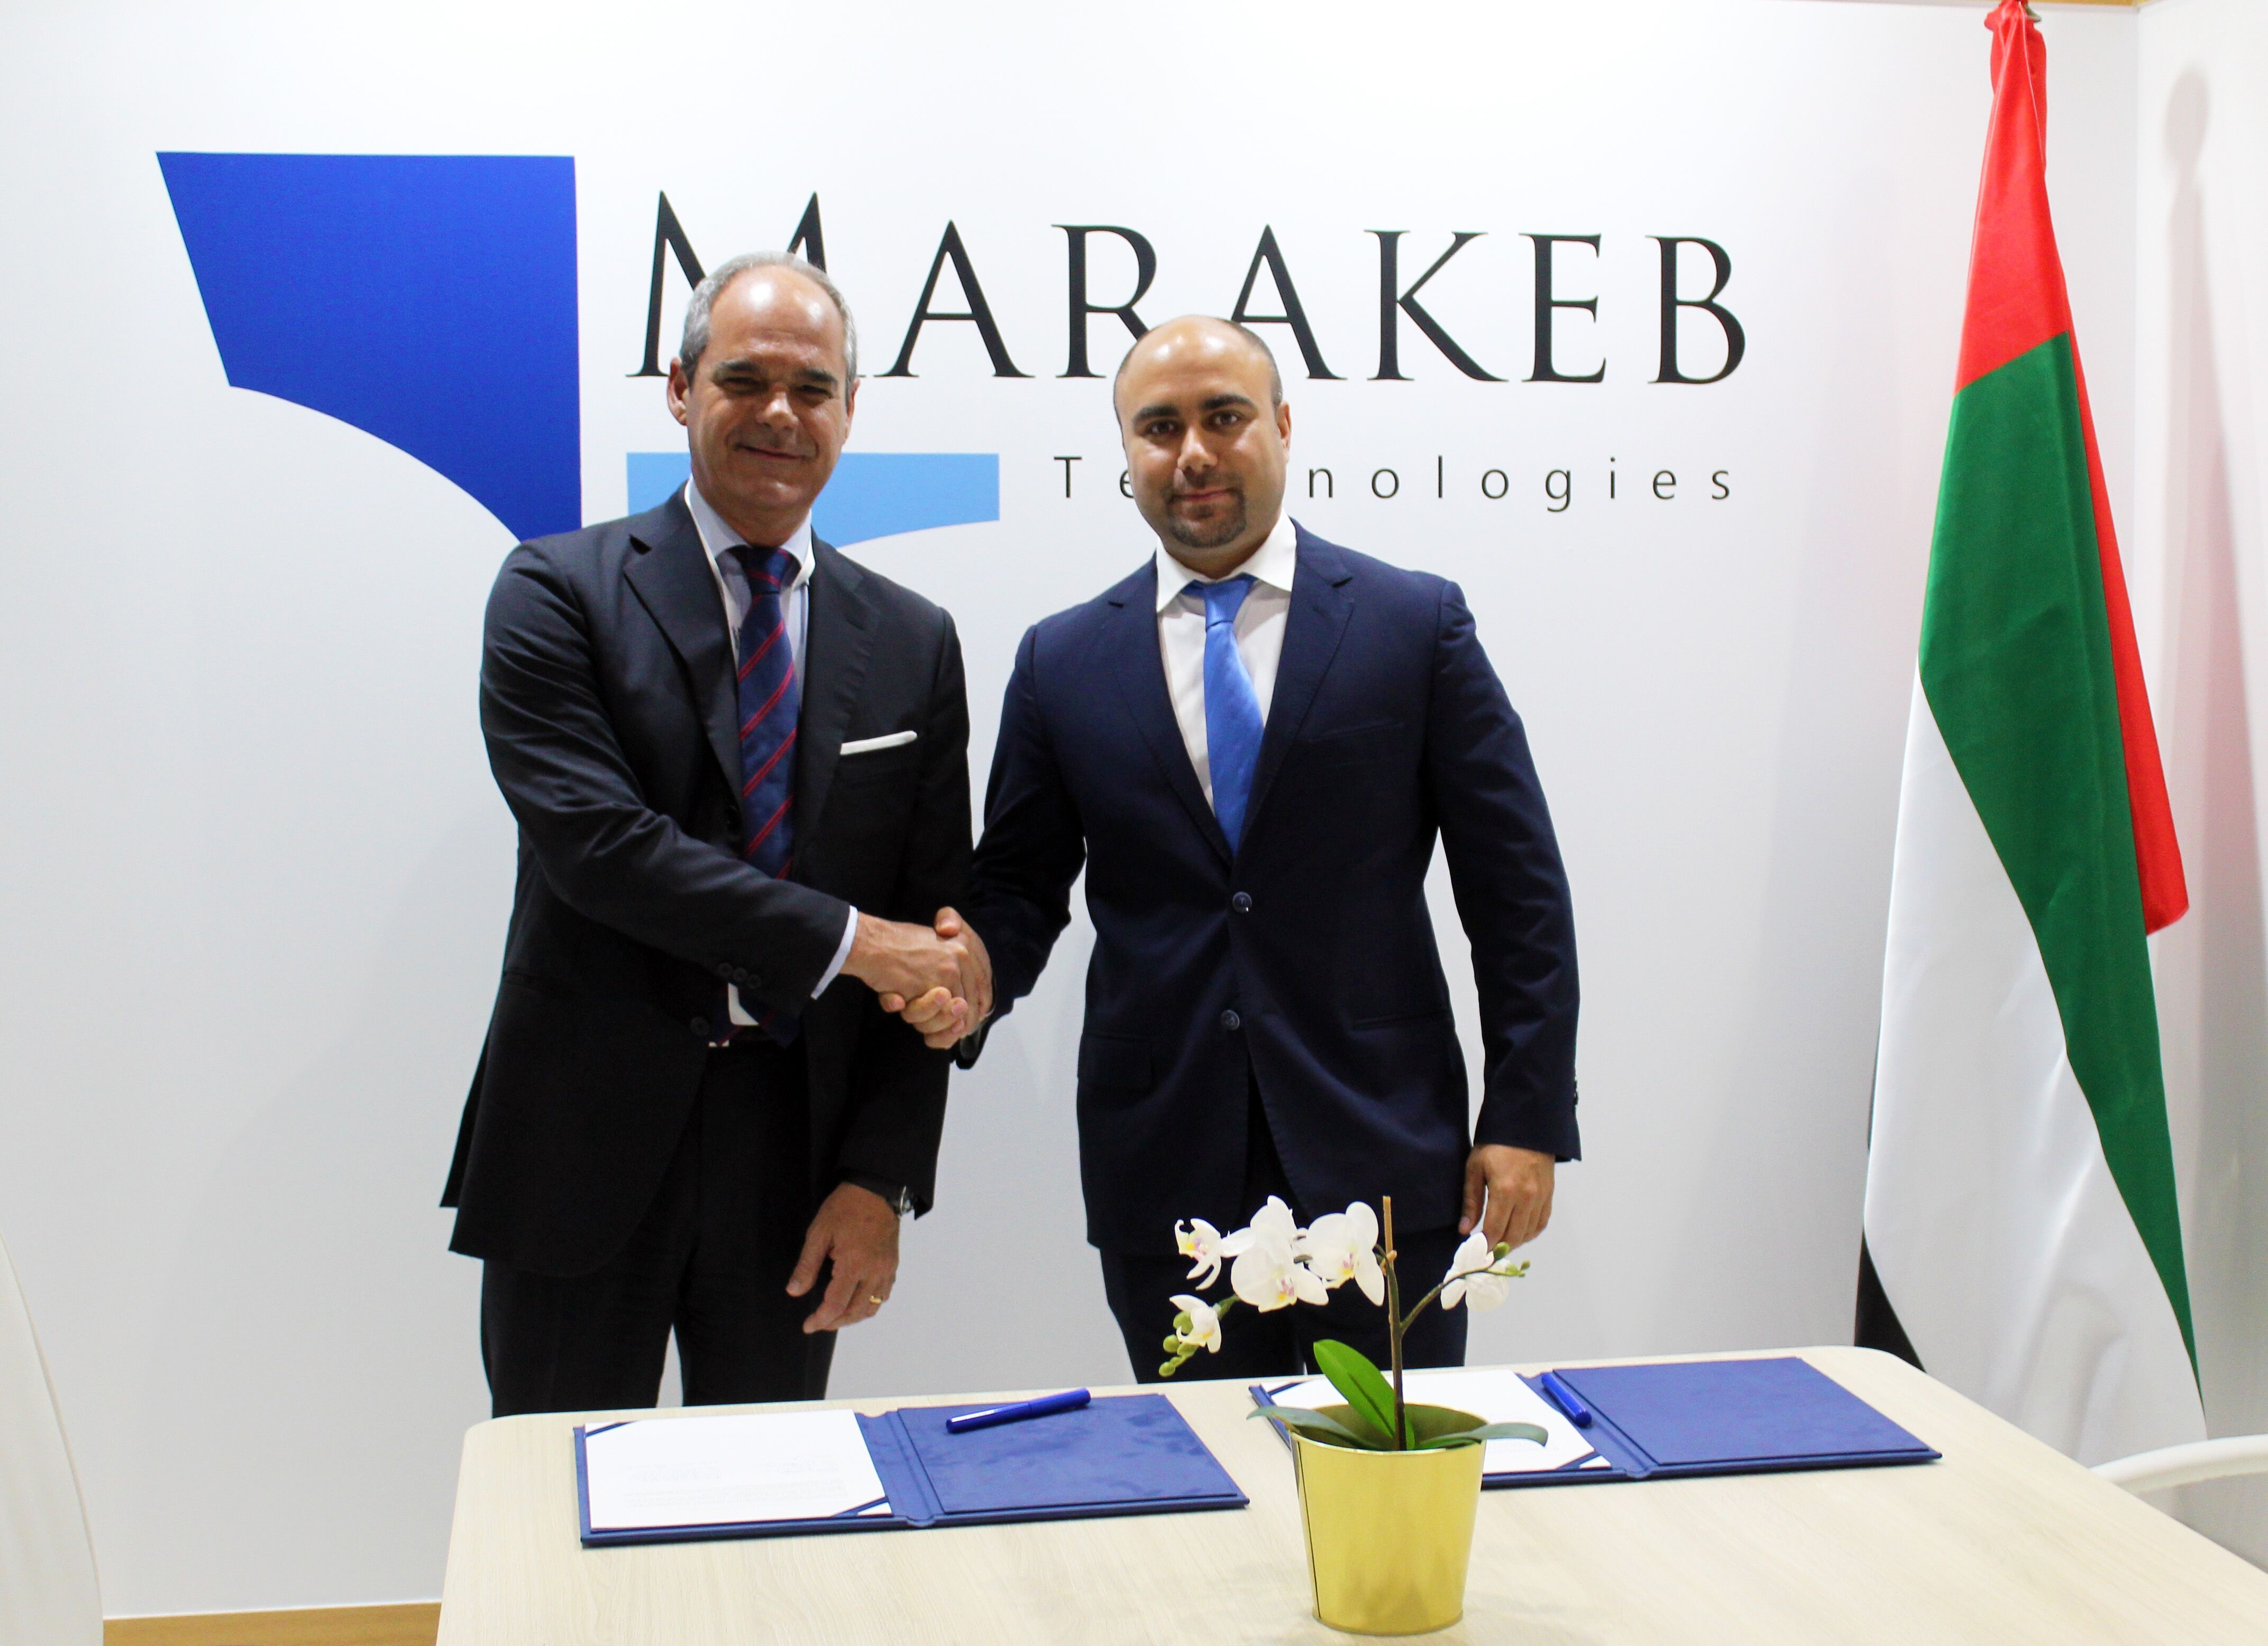 Fincantieri e Marakeb Technologies firmano mou di collaborazione nella tecnologia unmanned